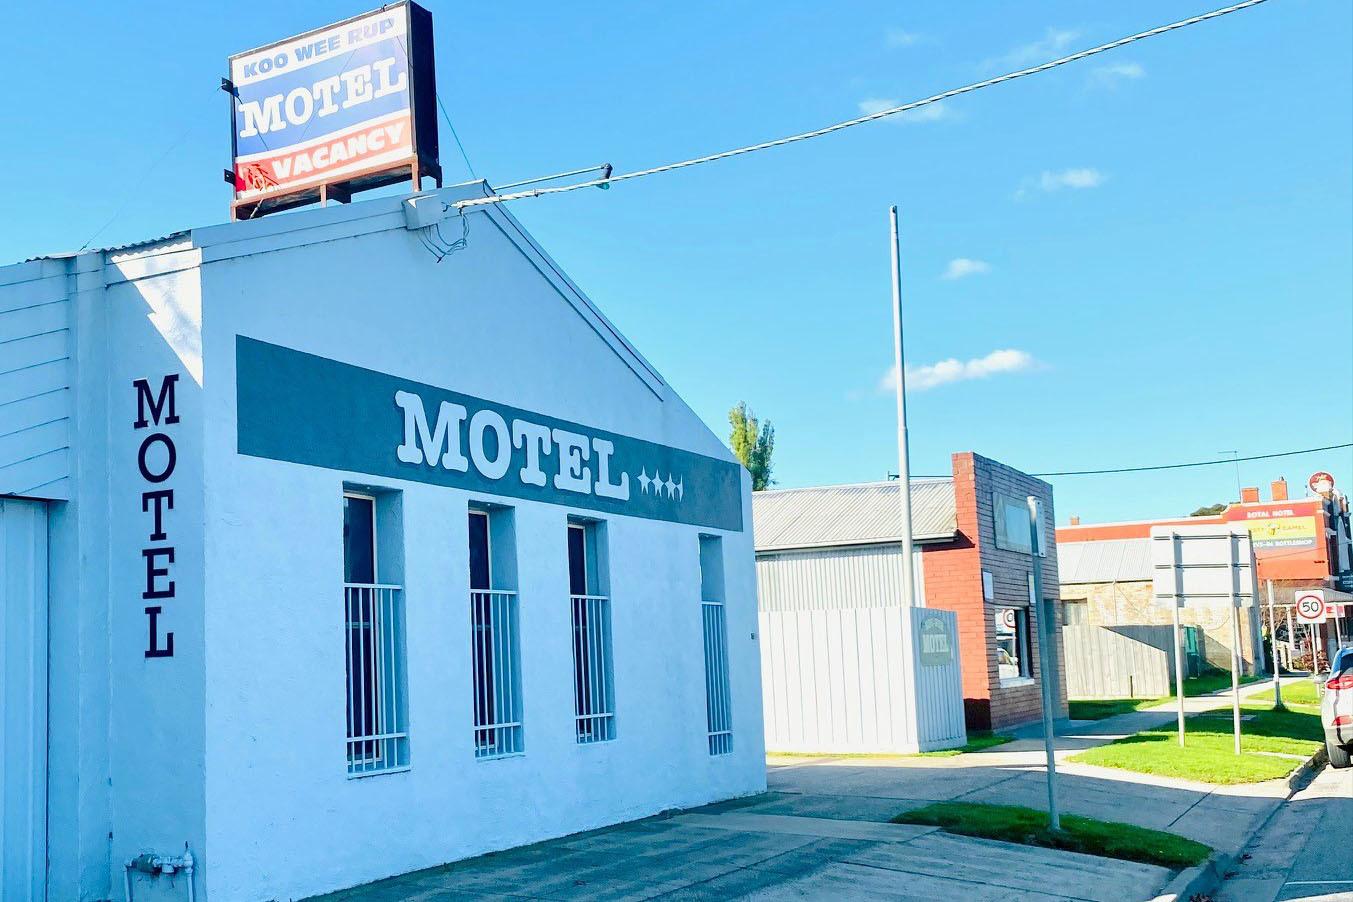 Koo Wee Rup Motel